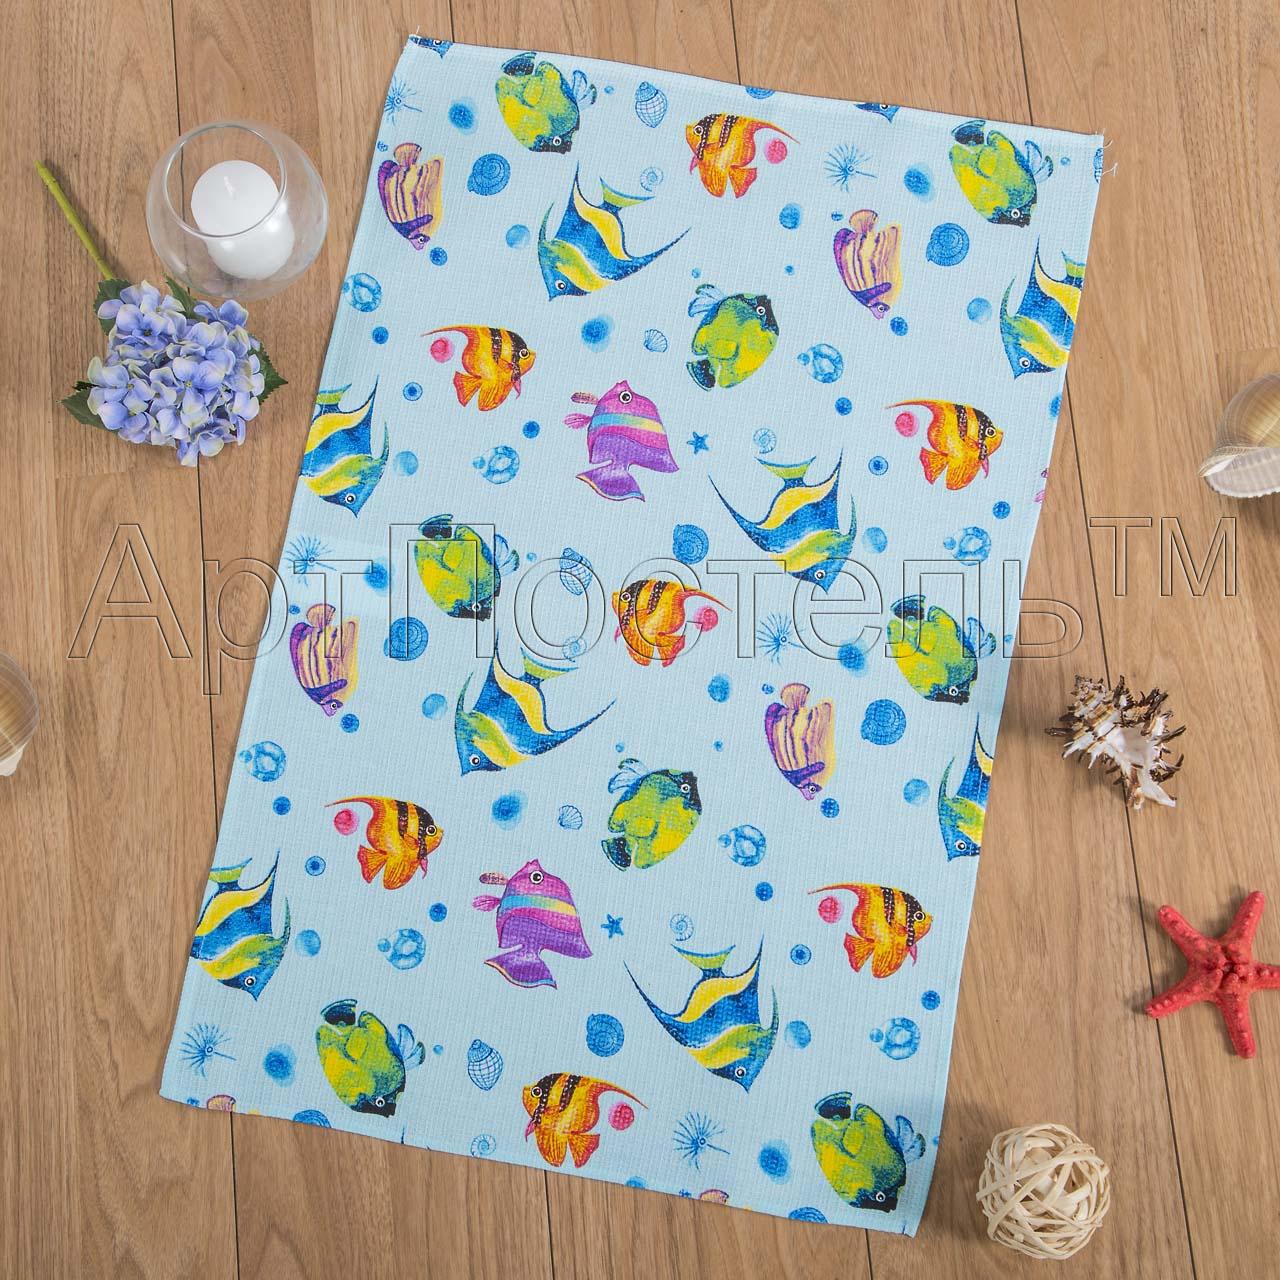 Вафельное полотенце Подводный мир р. 50х70Полотенца вафельные<br>Плотность: 160 г/кв. м<br><br>Тип: Вафельное полотенце<br>Размер: 50х70<br>Материал: Вафельное полотно